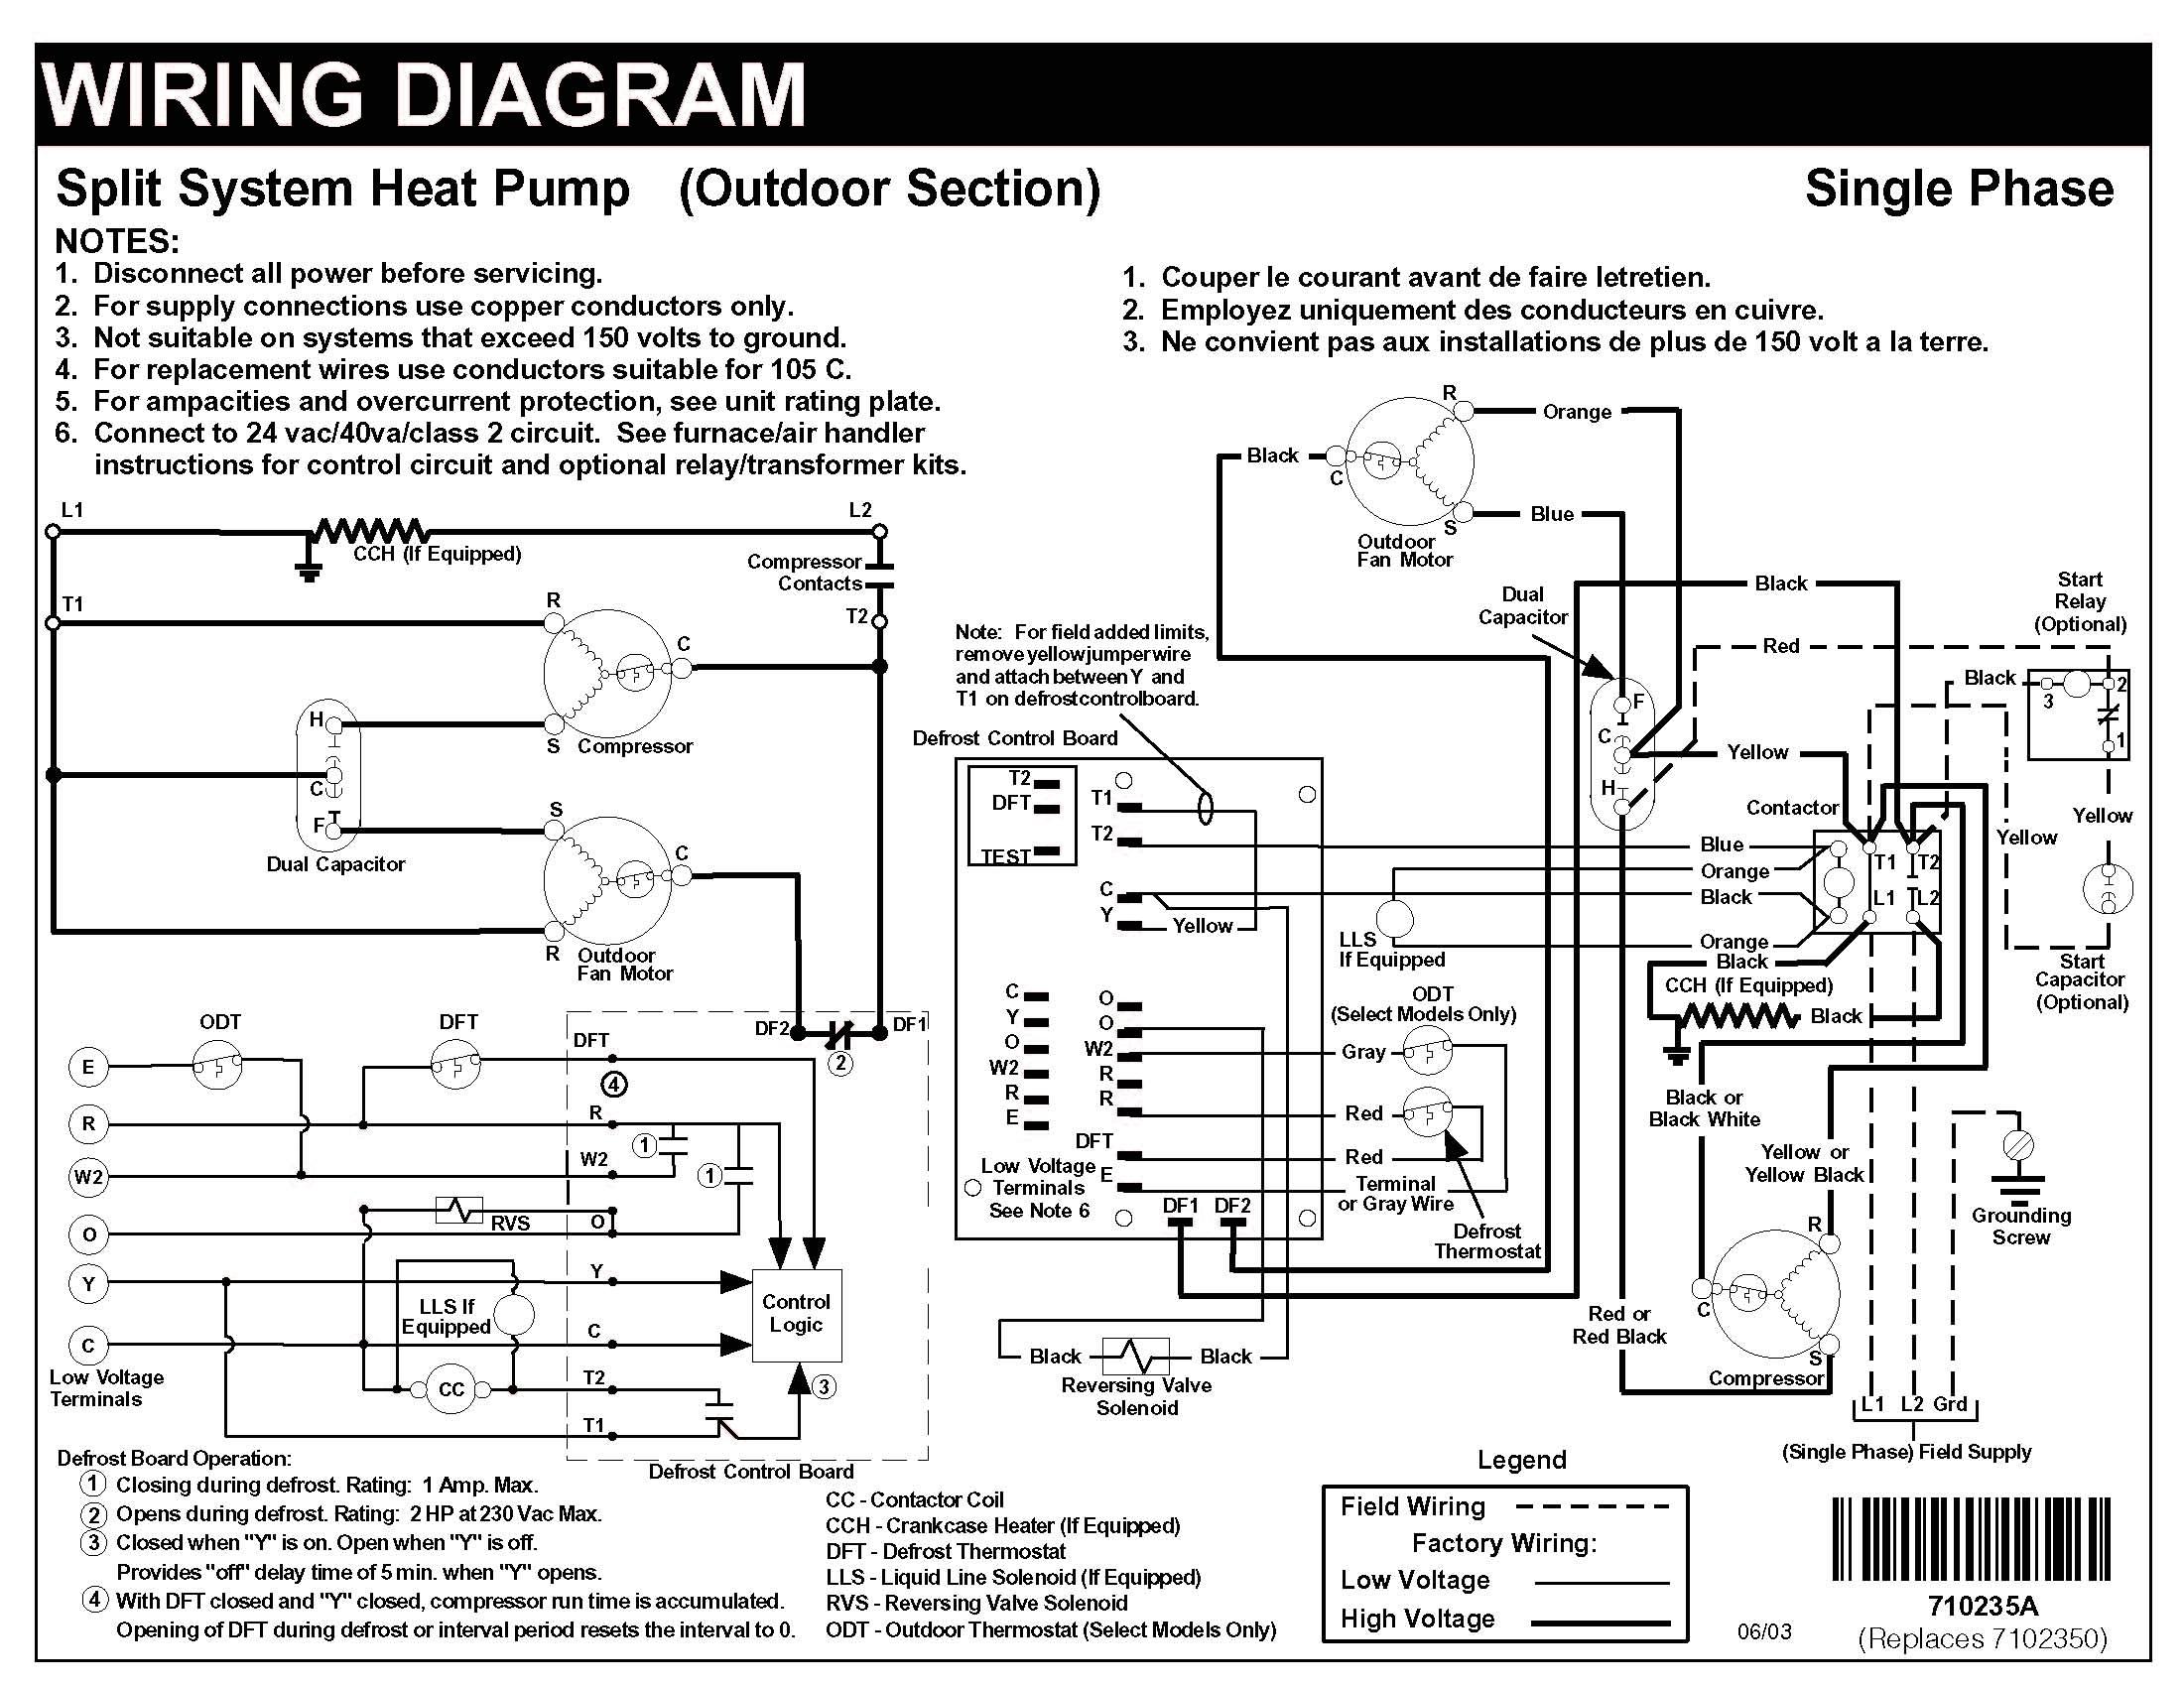 Heat Pump Wiring Schematic - Data Wiring Diagram Today - Heatpump Wiring Diagram